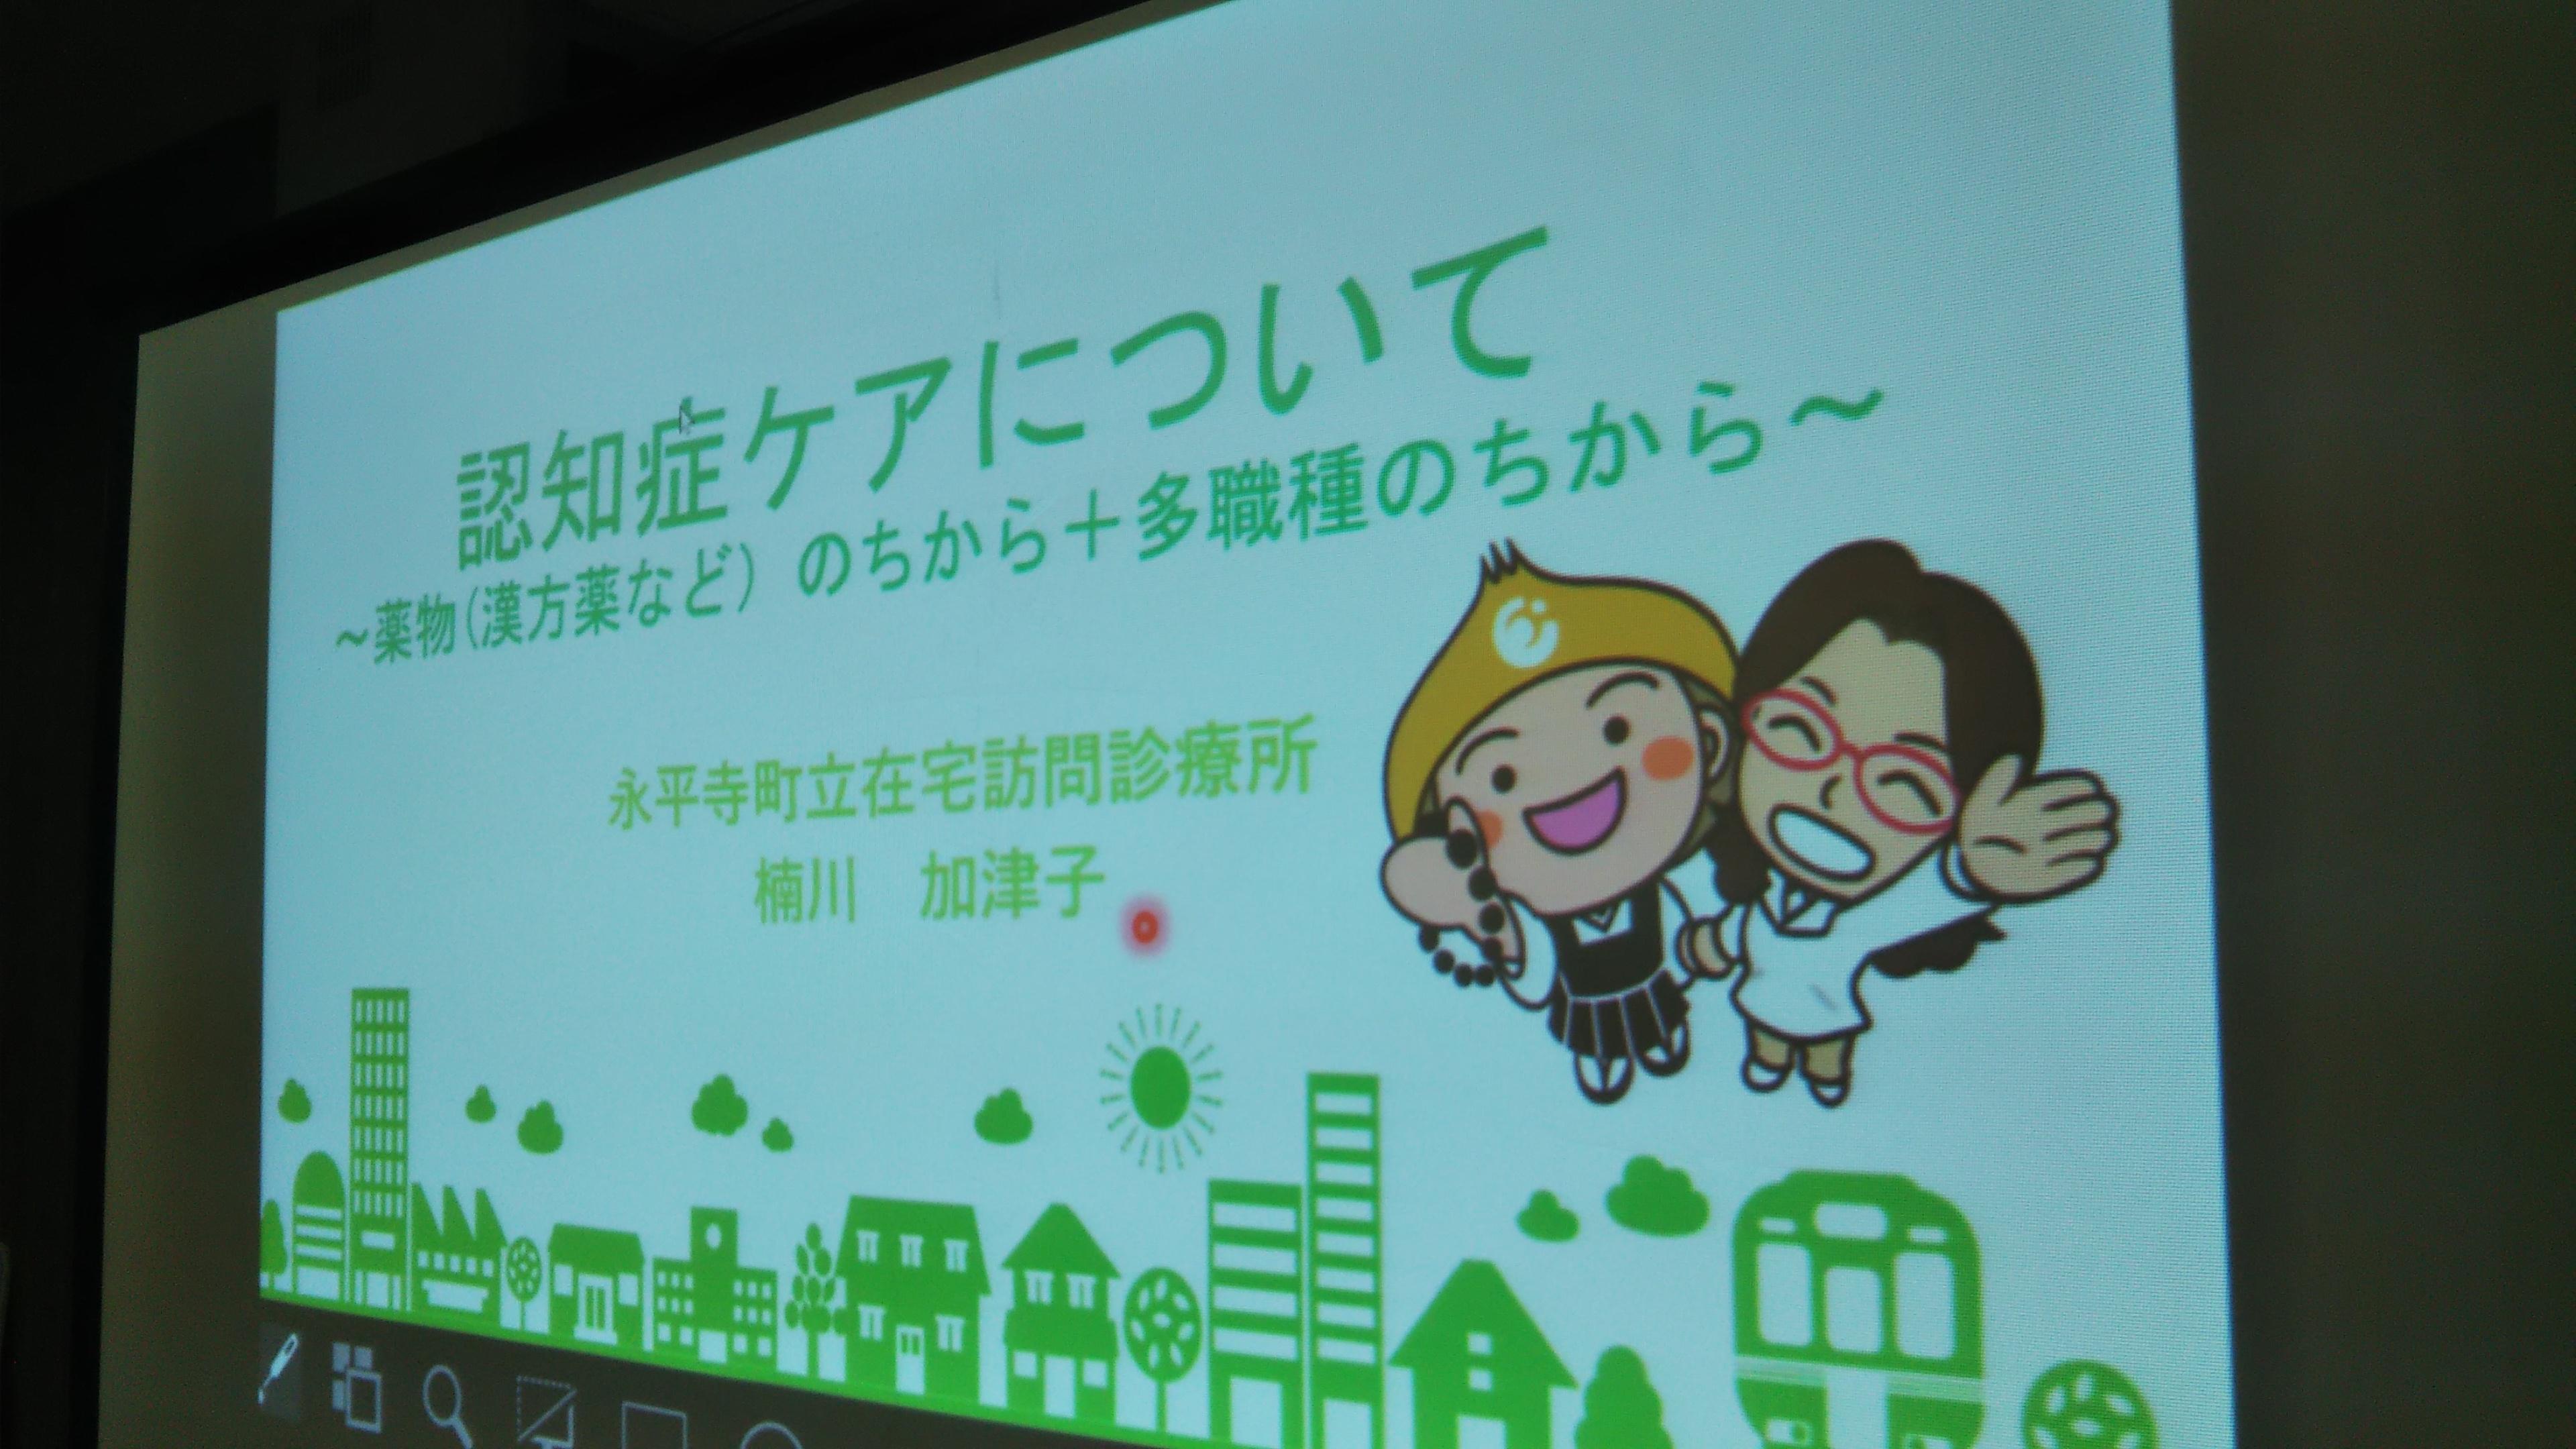 永平寺町多職種連携研修会が開催されました。